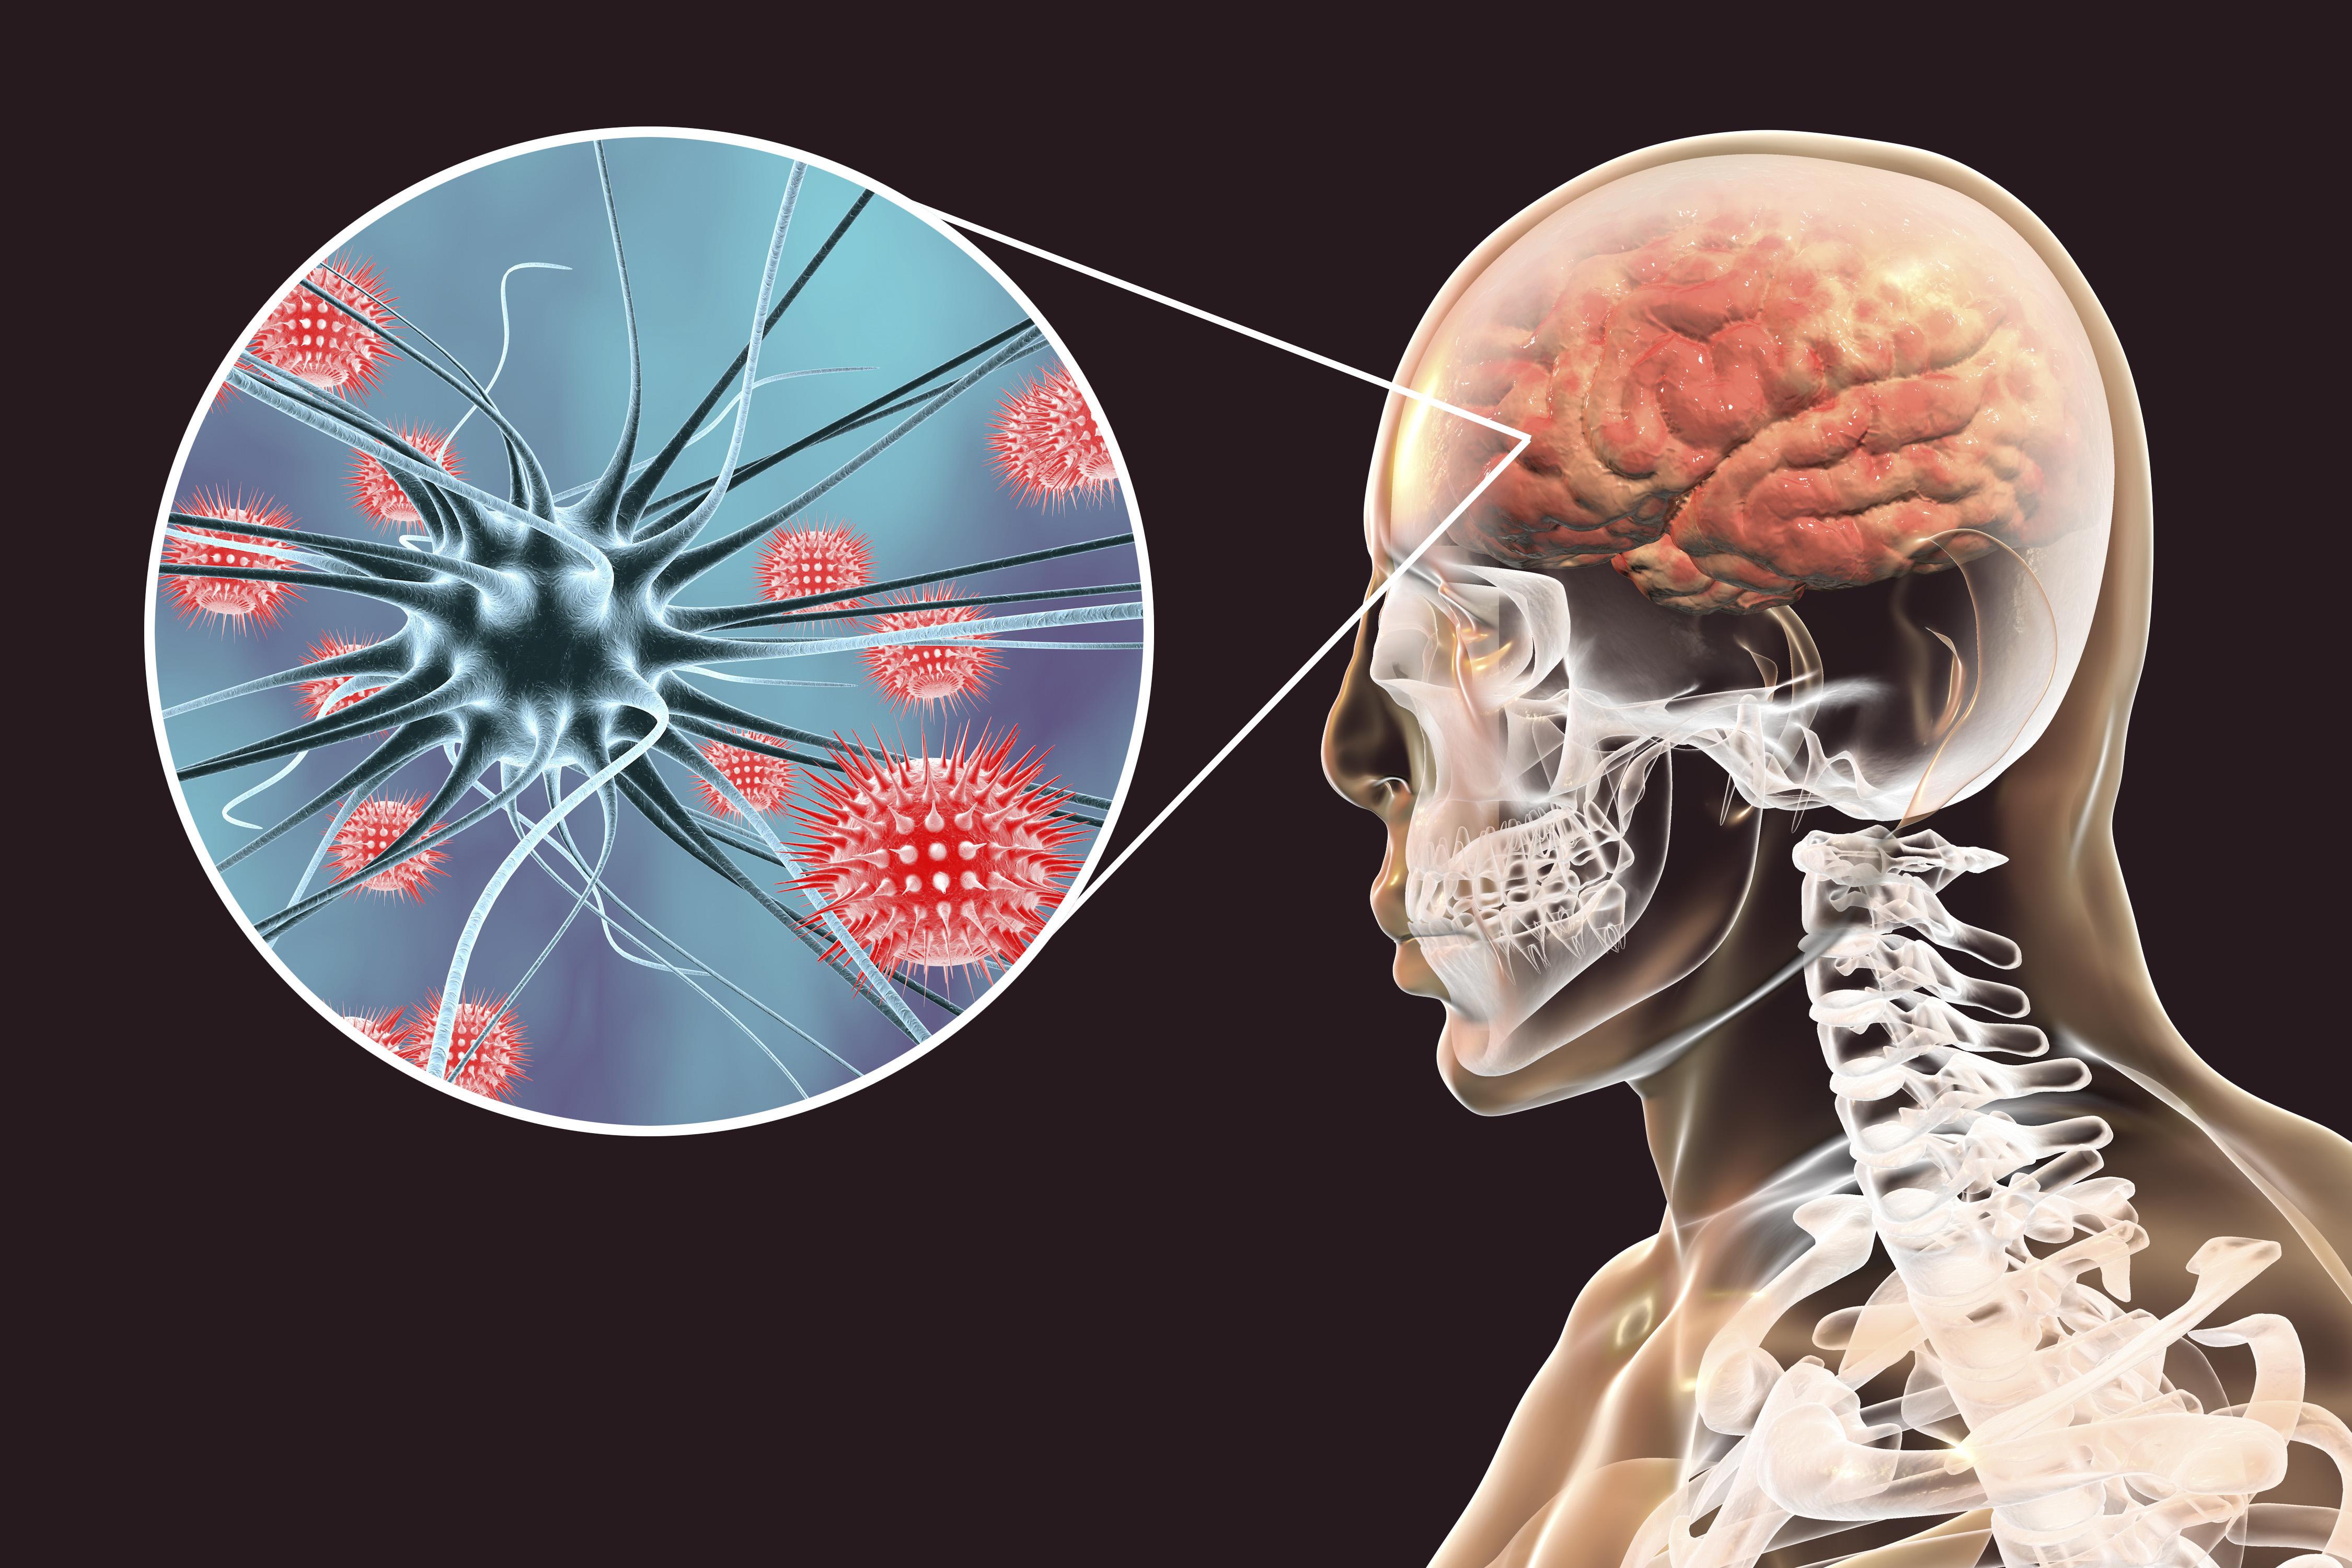 Encefalite conheça as principais causas, sintomas e tratamentos